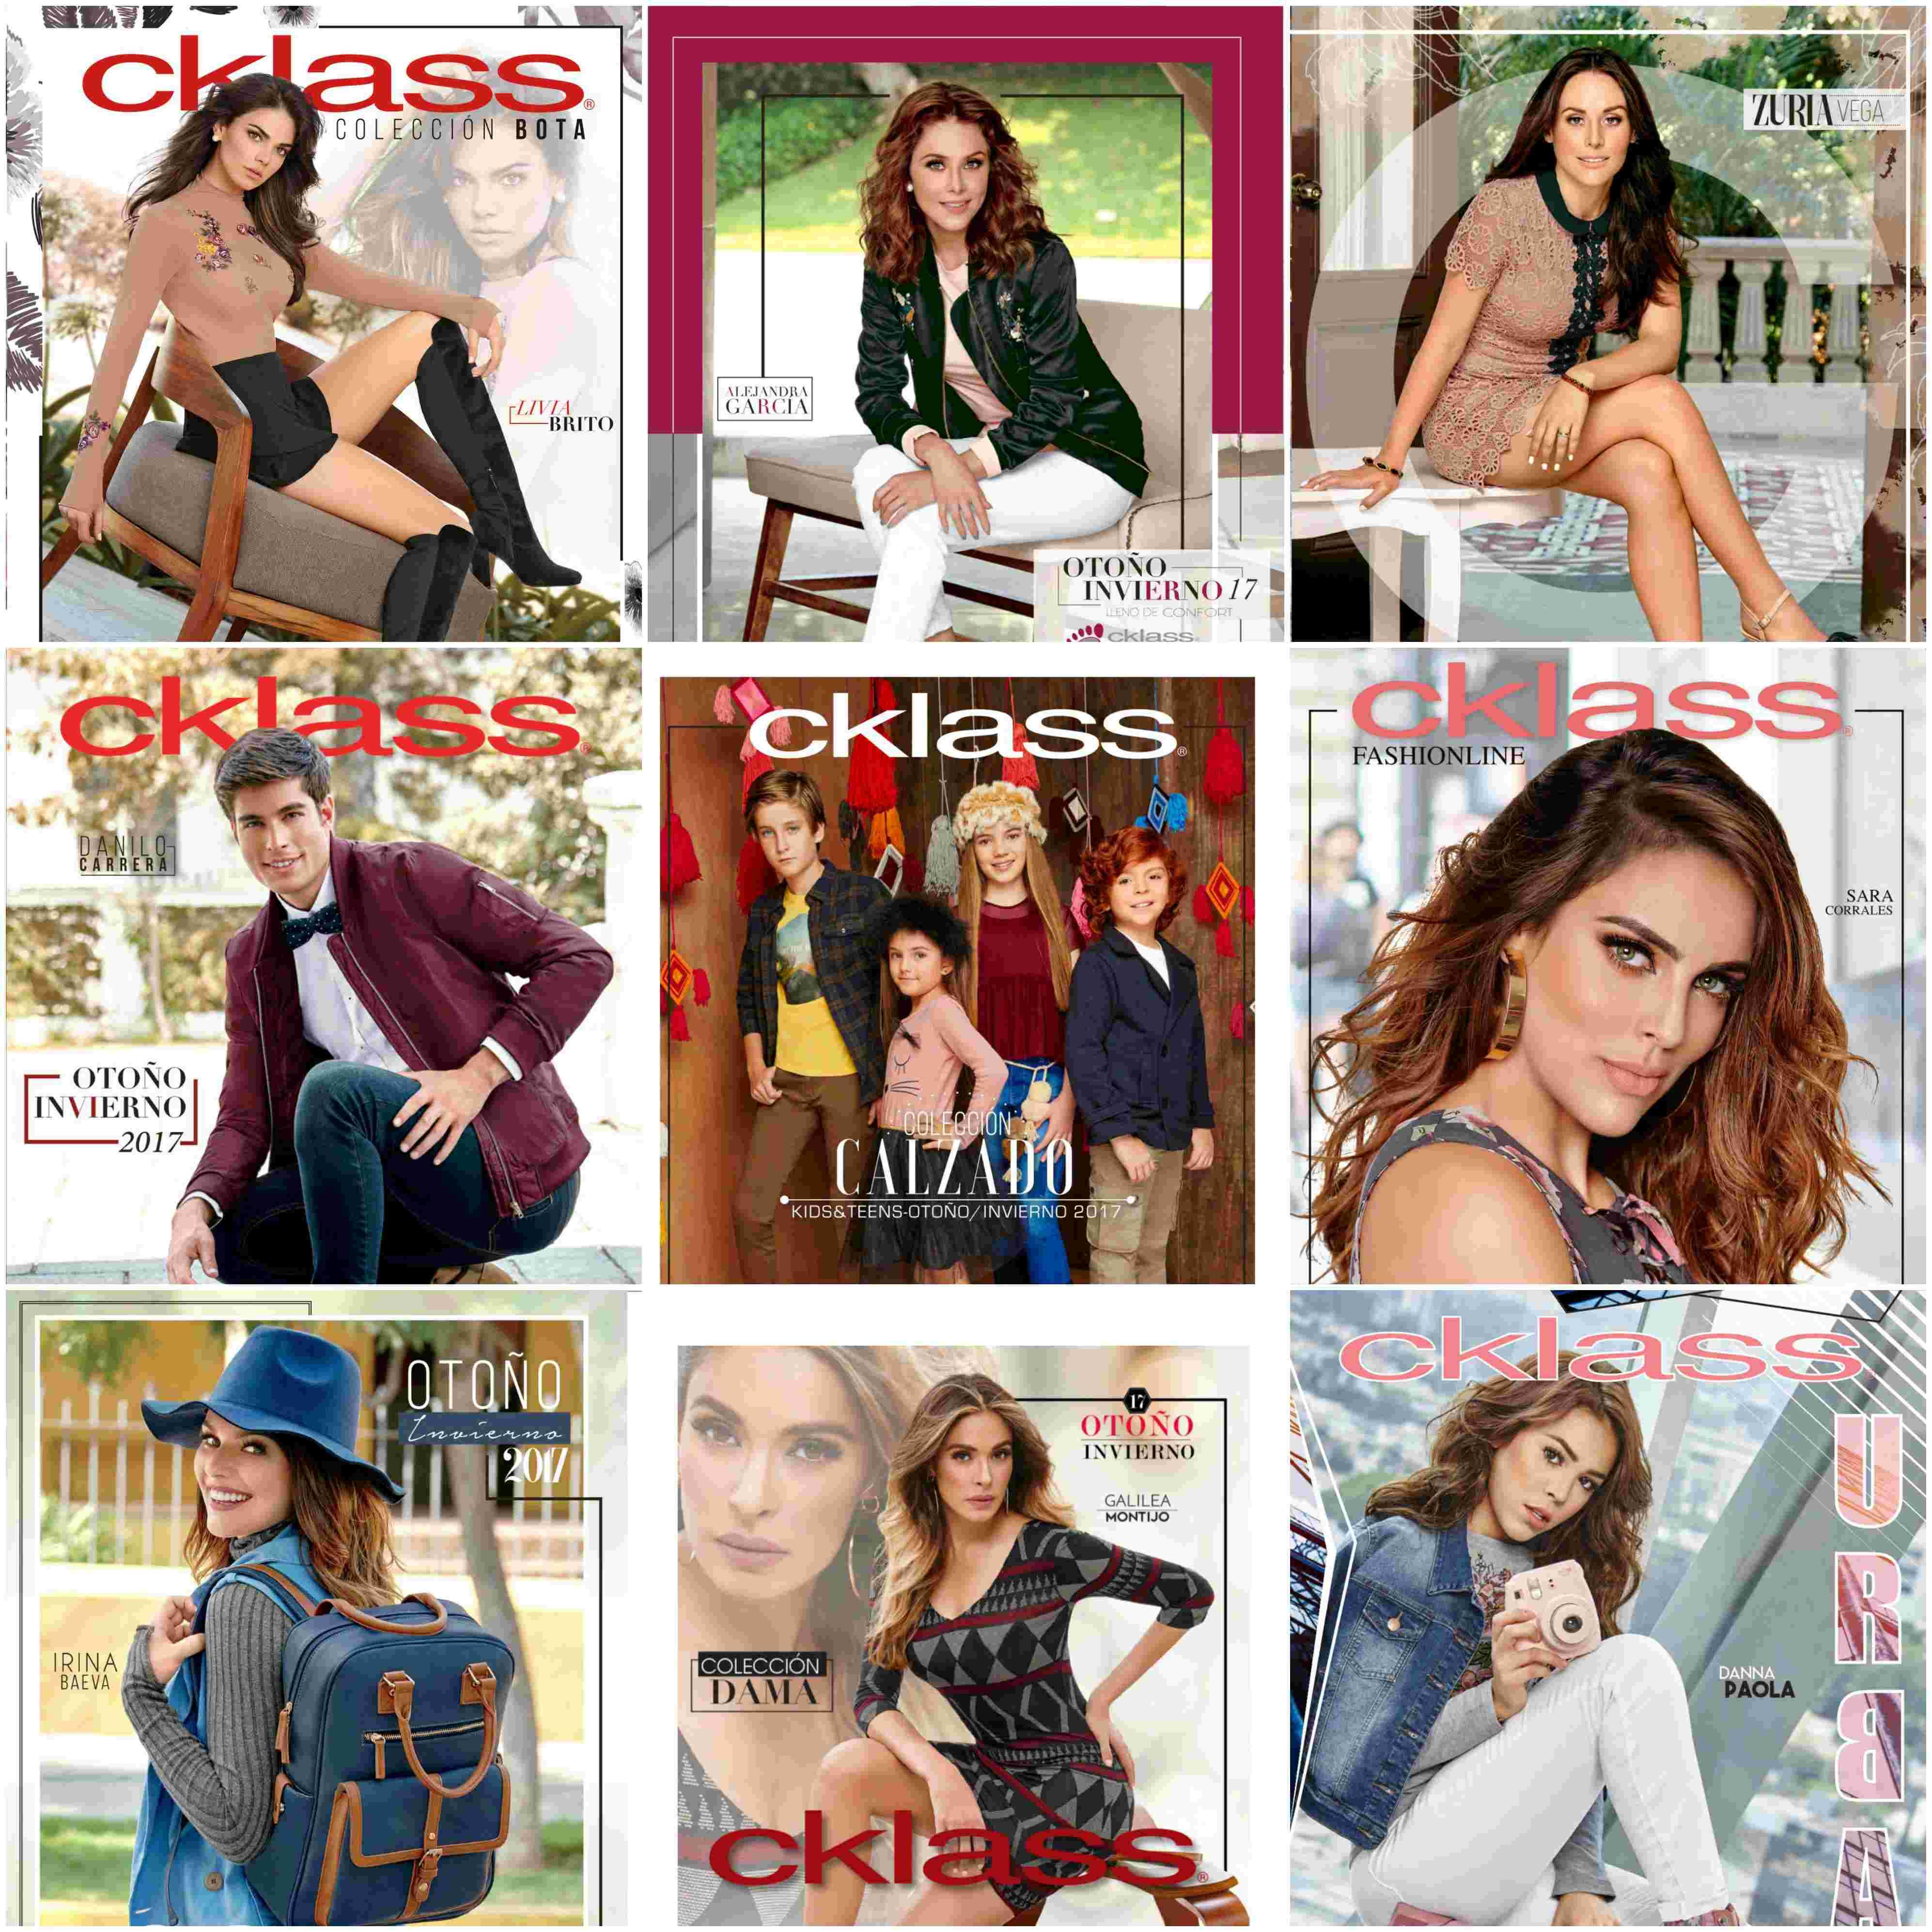 Cklass | Catalogos Digitales 2017-2018